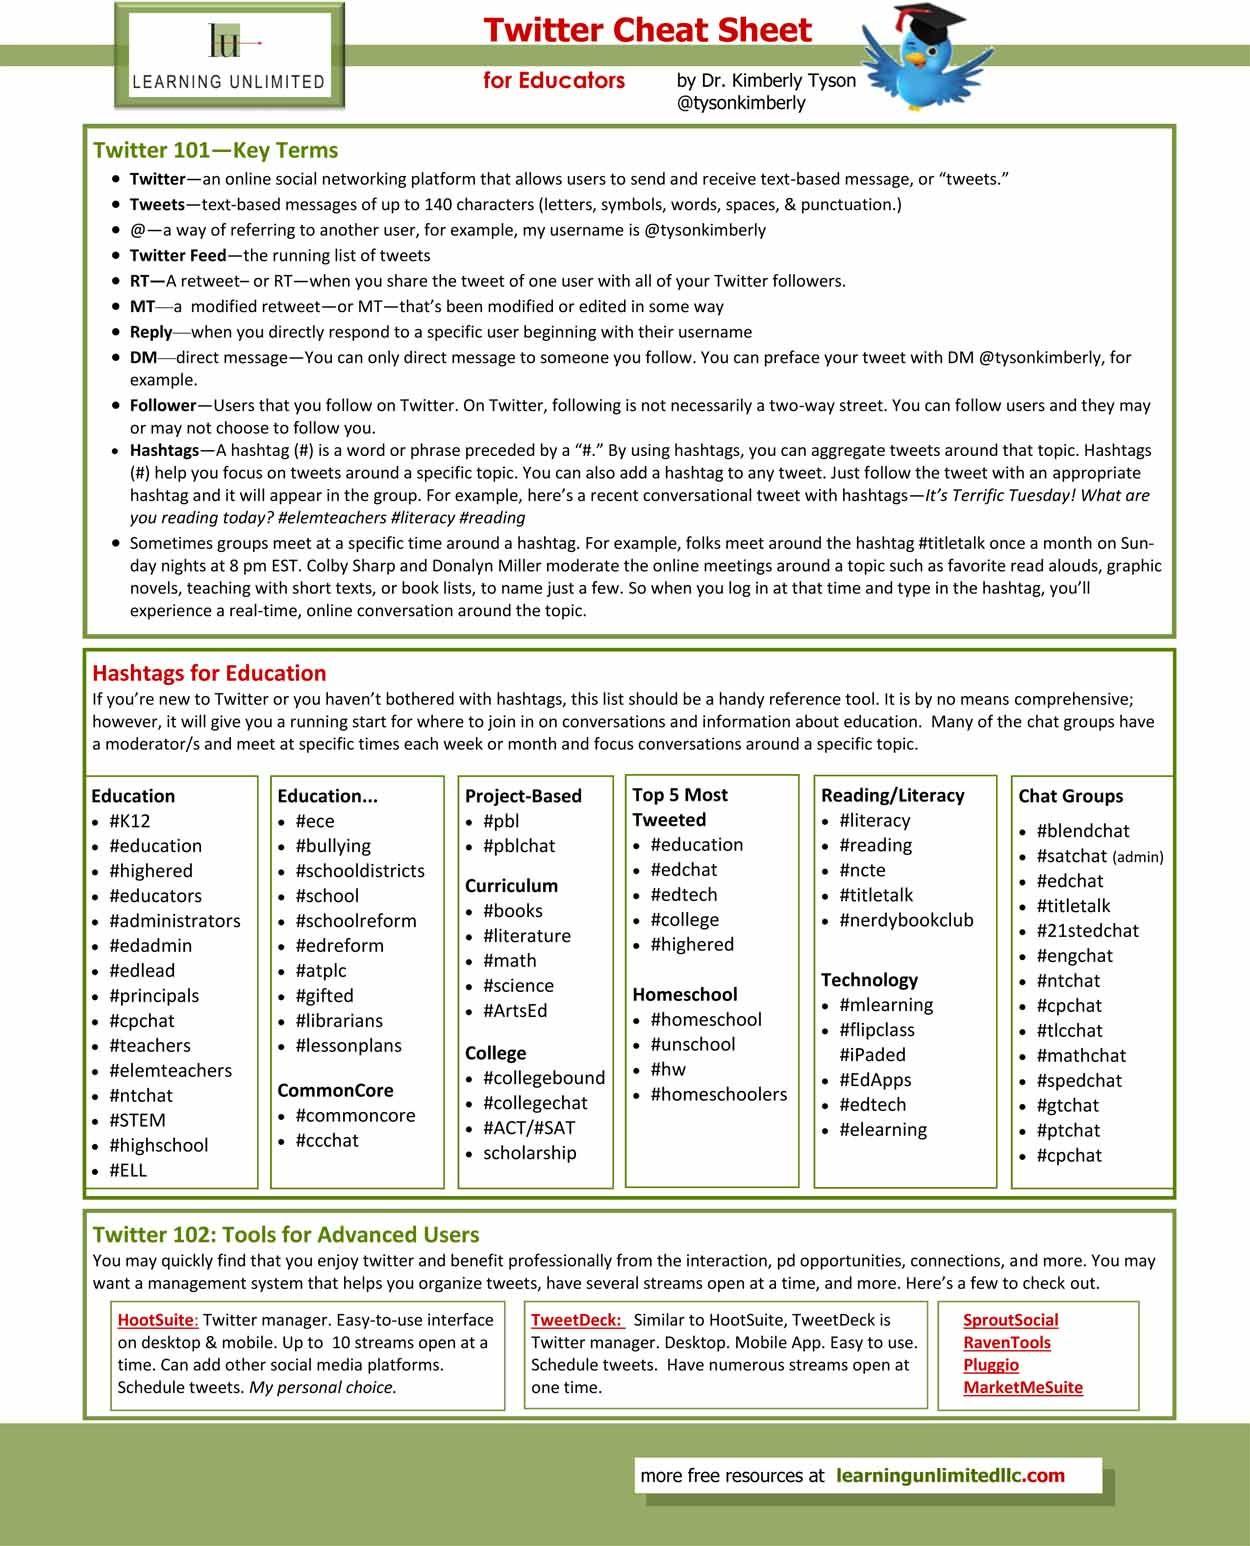 A Great Twitter Cheat Sheet For Teachers